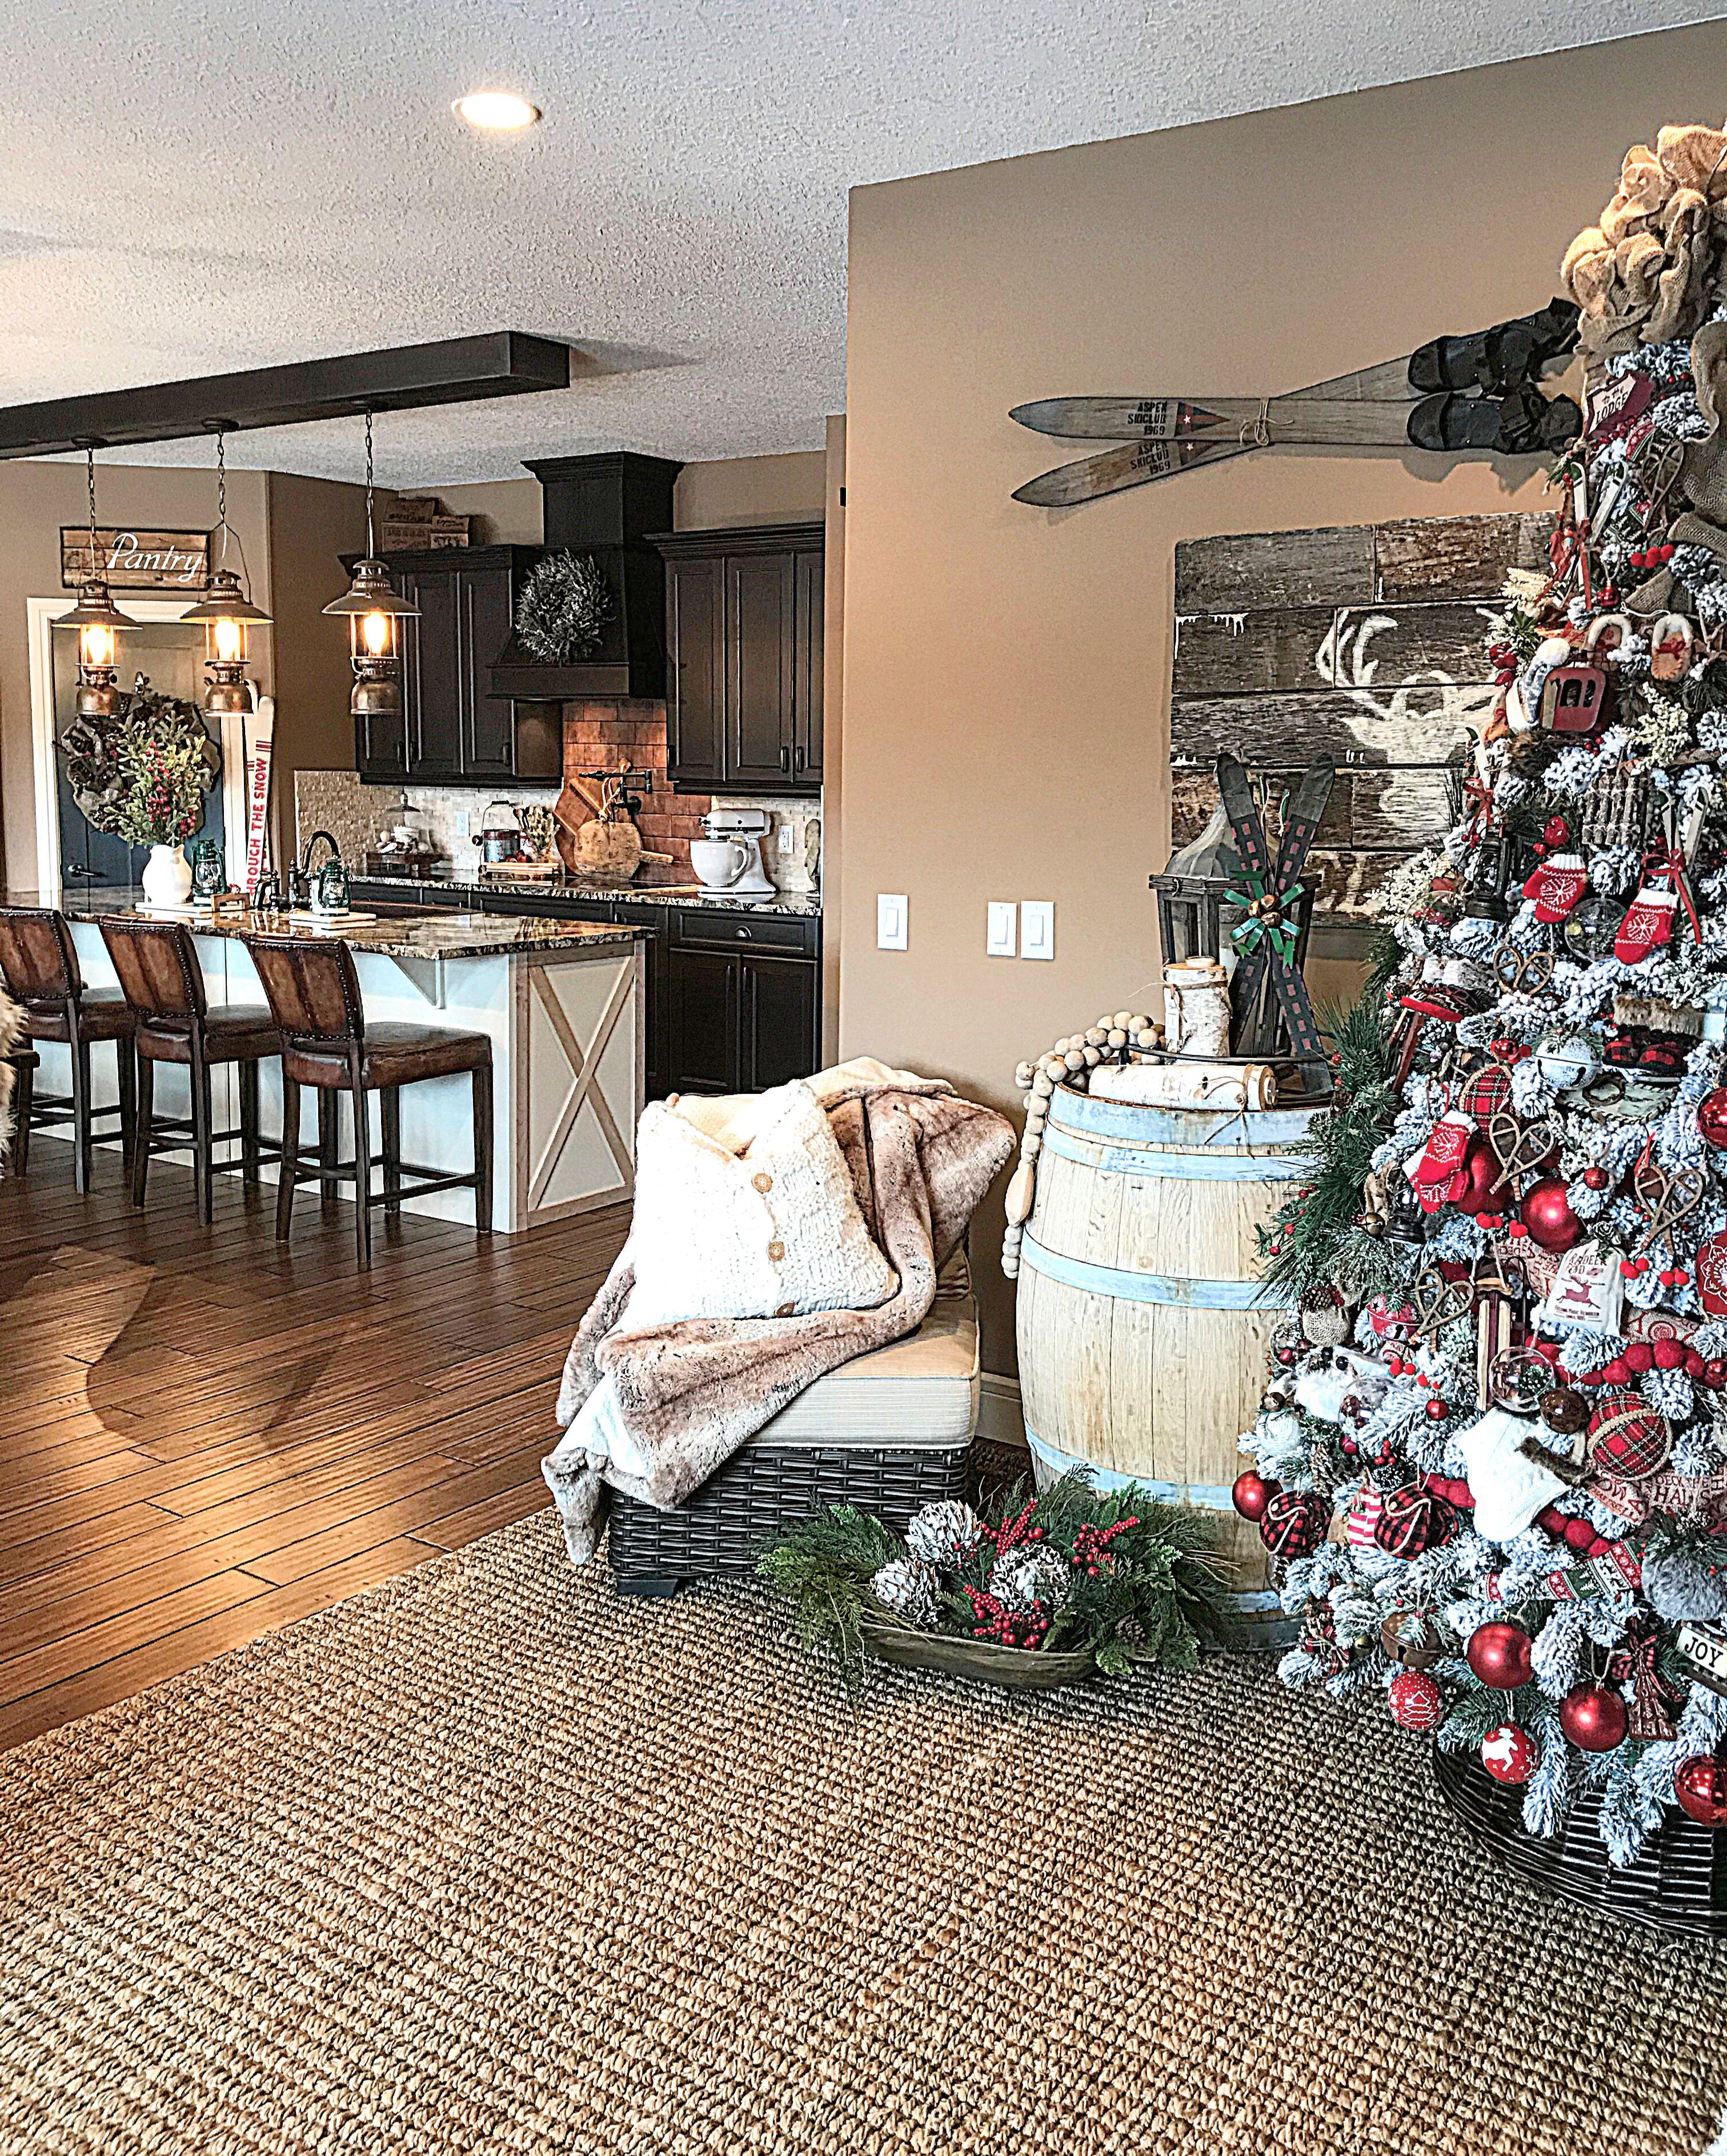 Farmhouse Christmas Kitchen images